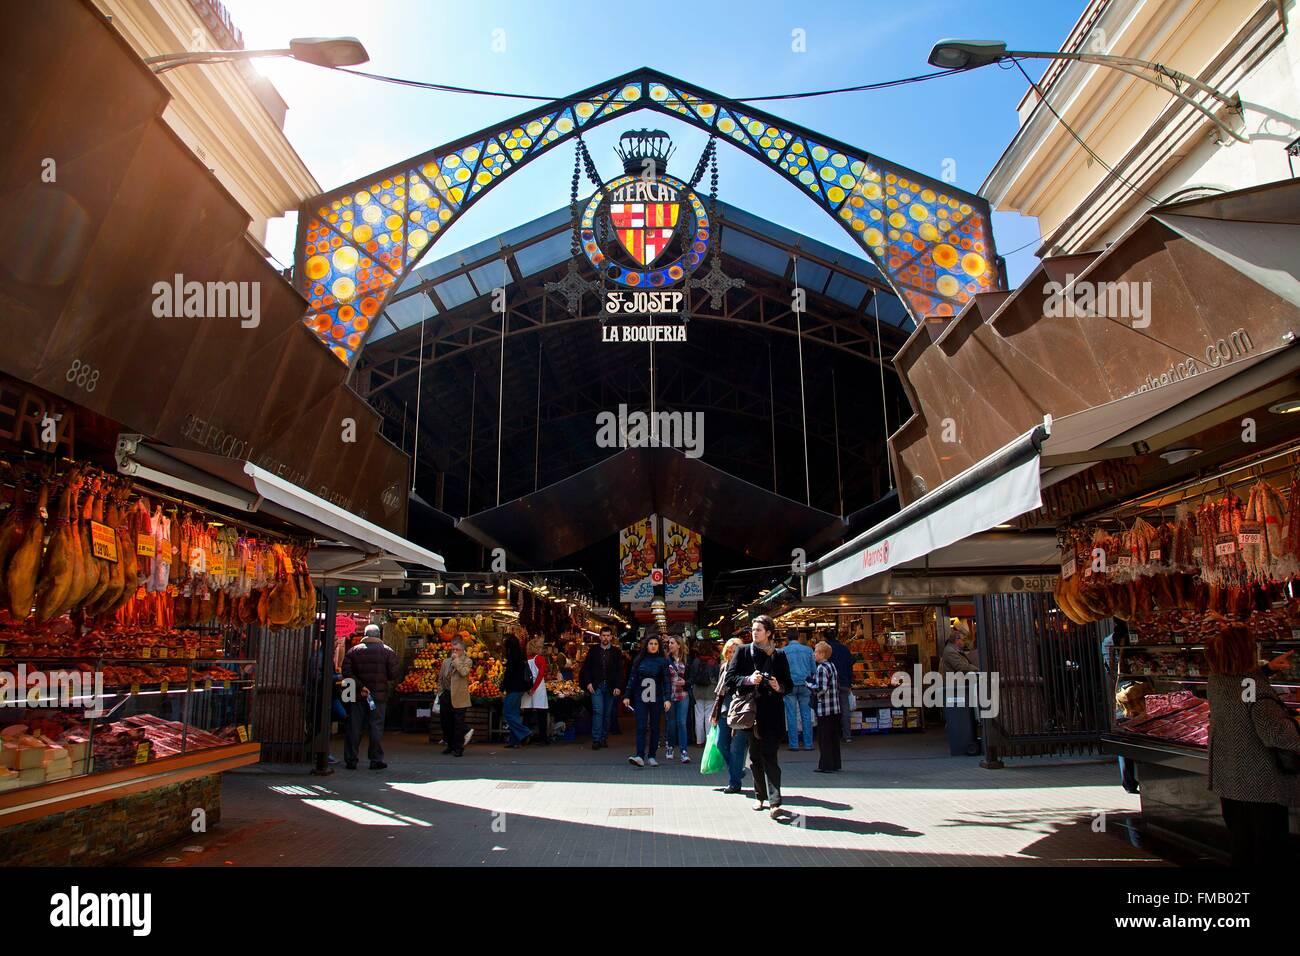 España, Cataluña, Barcelona, la entrada del mercado de la Boqueria Imagen De Stock